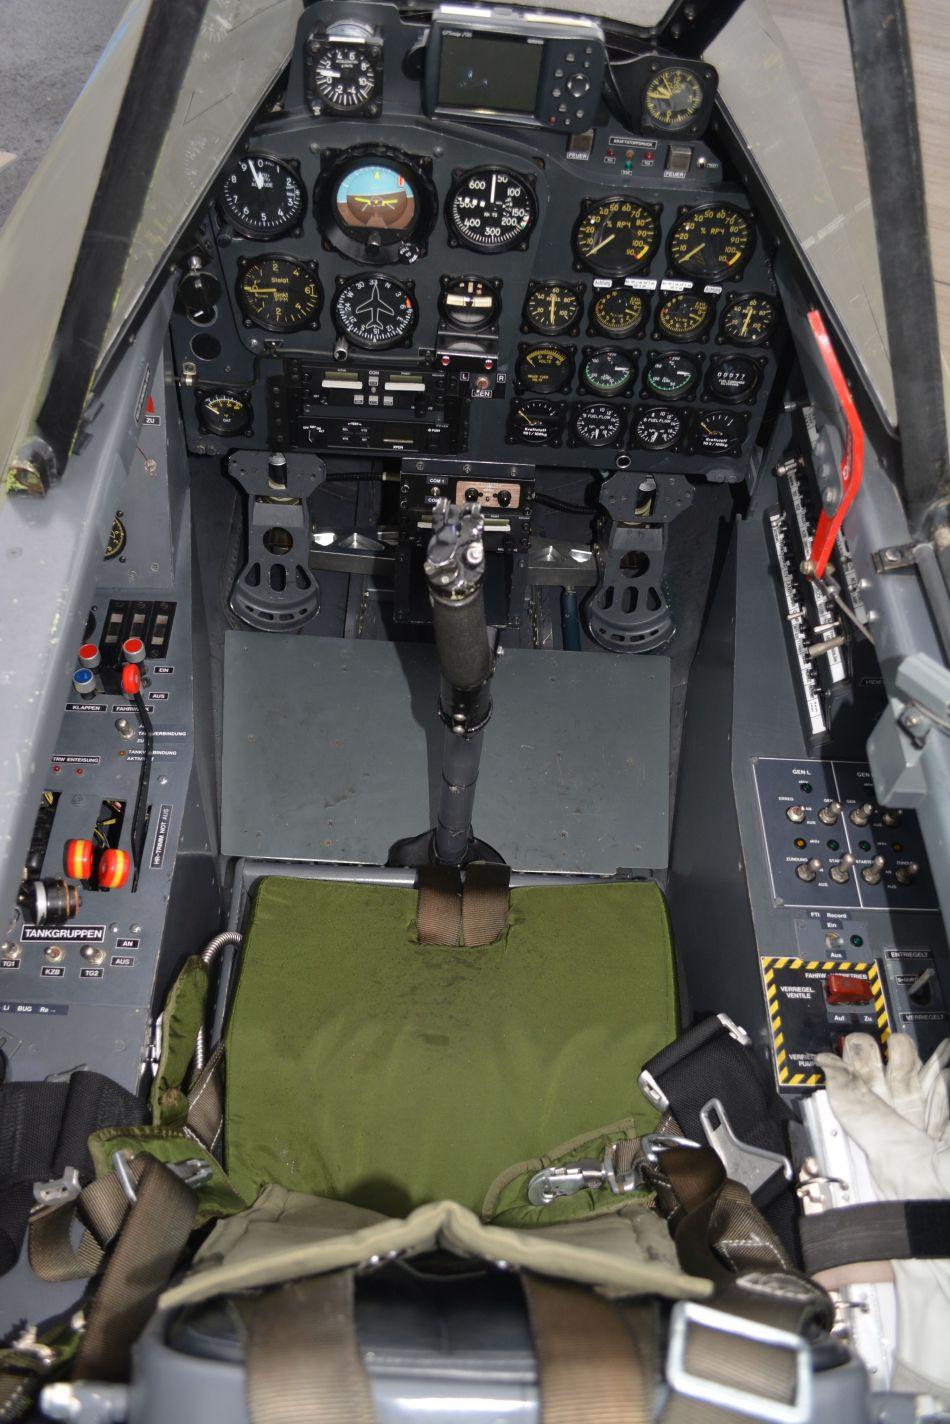 dsc_0670-cockpit-of-messerschmitt-me-262-ab-1c-swalbe-d-imtt